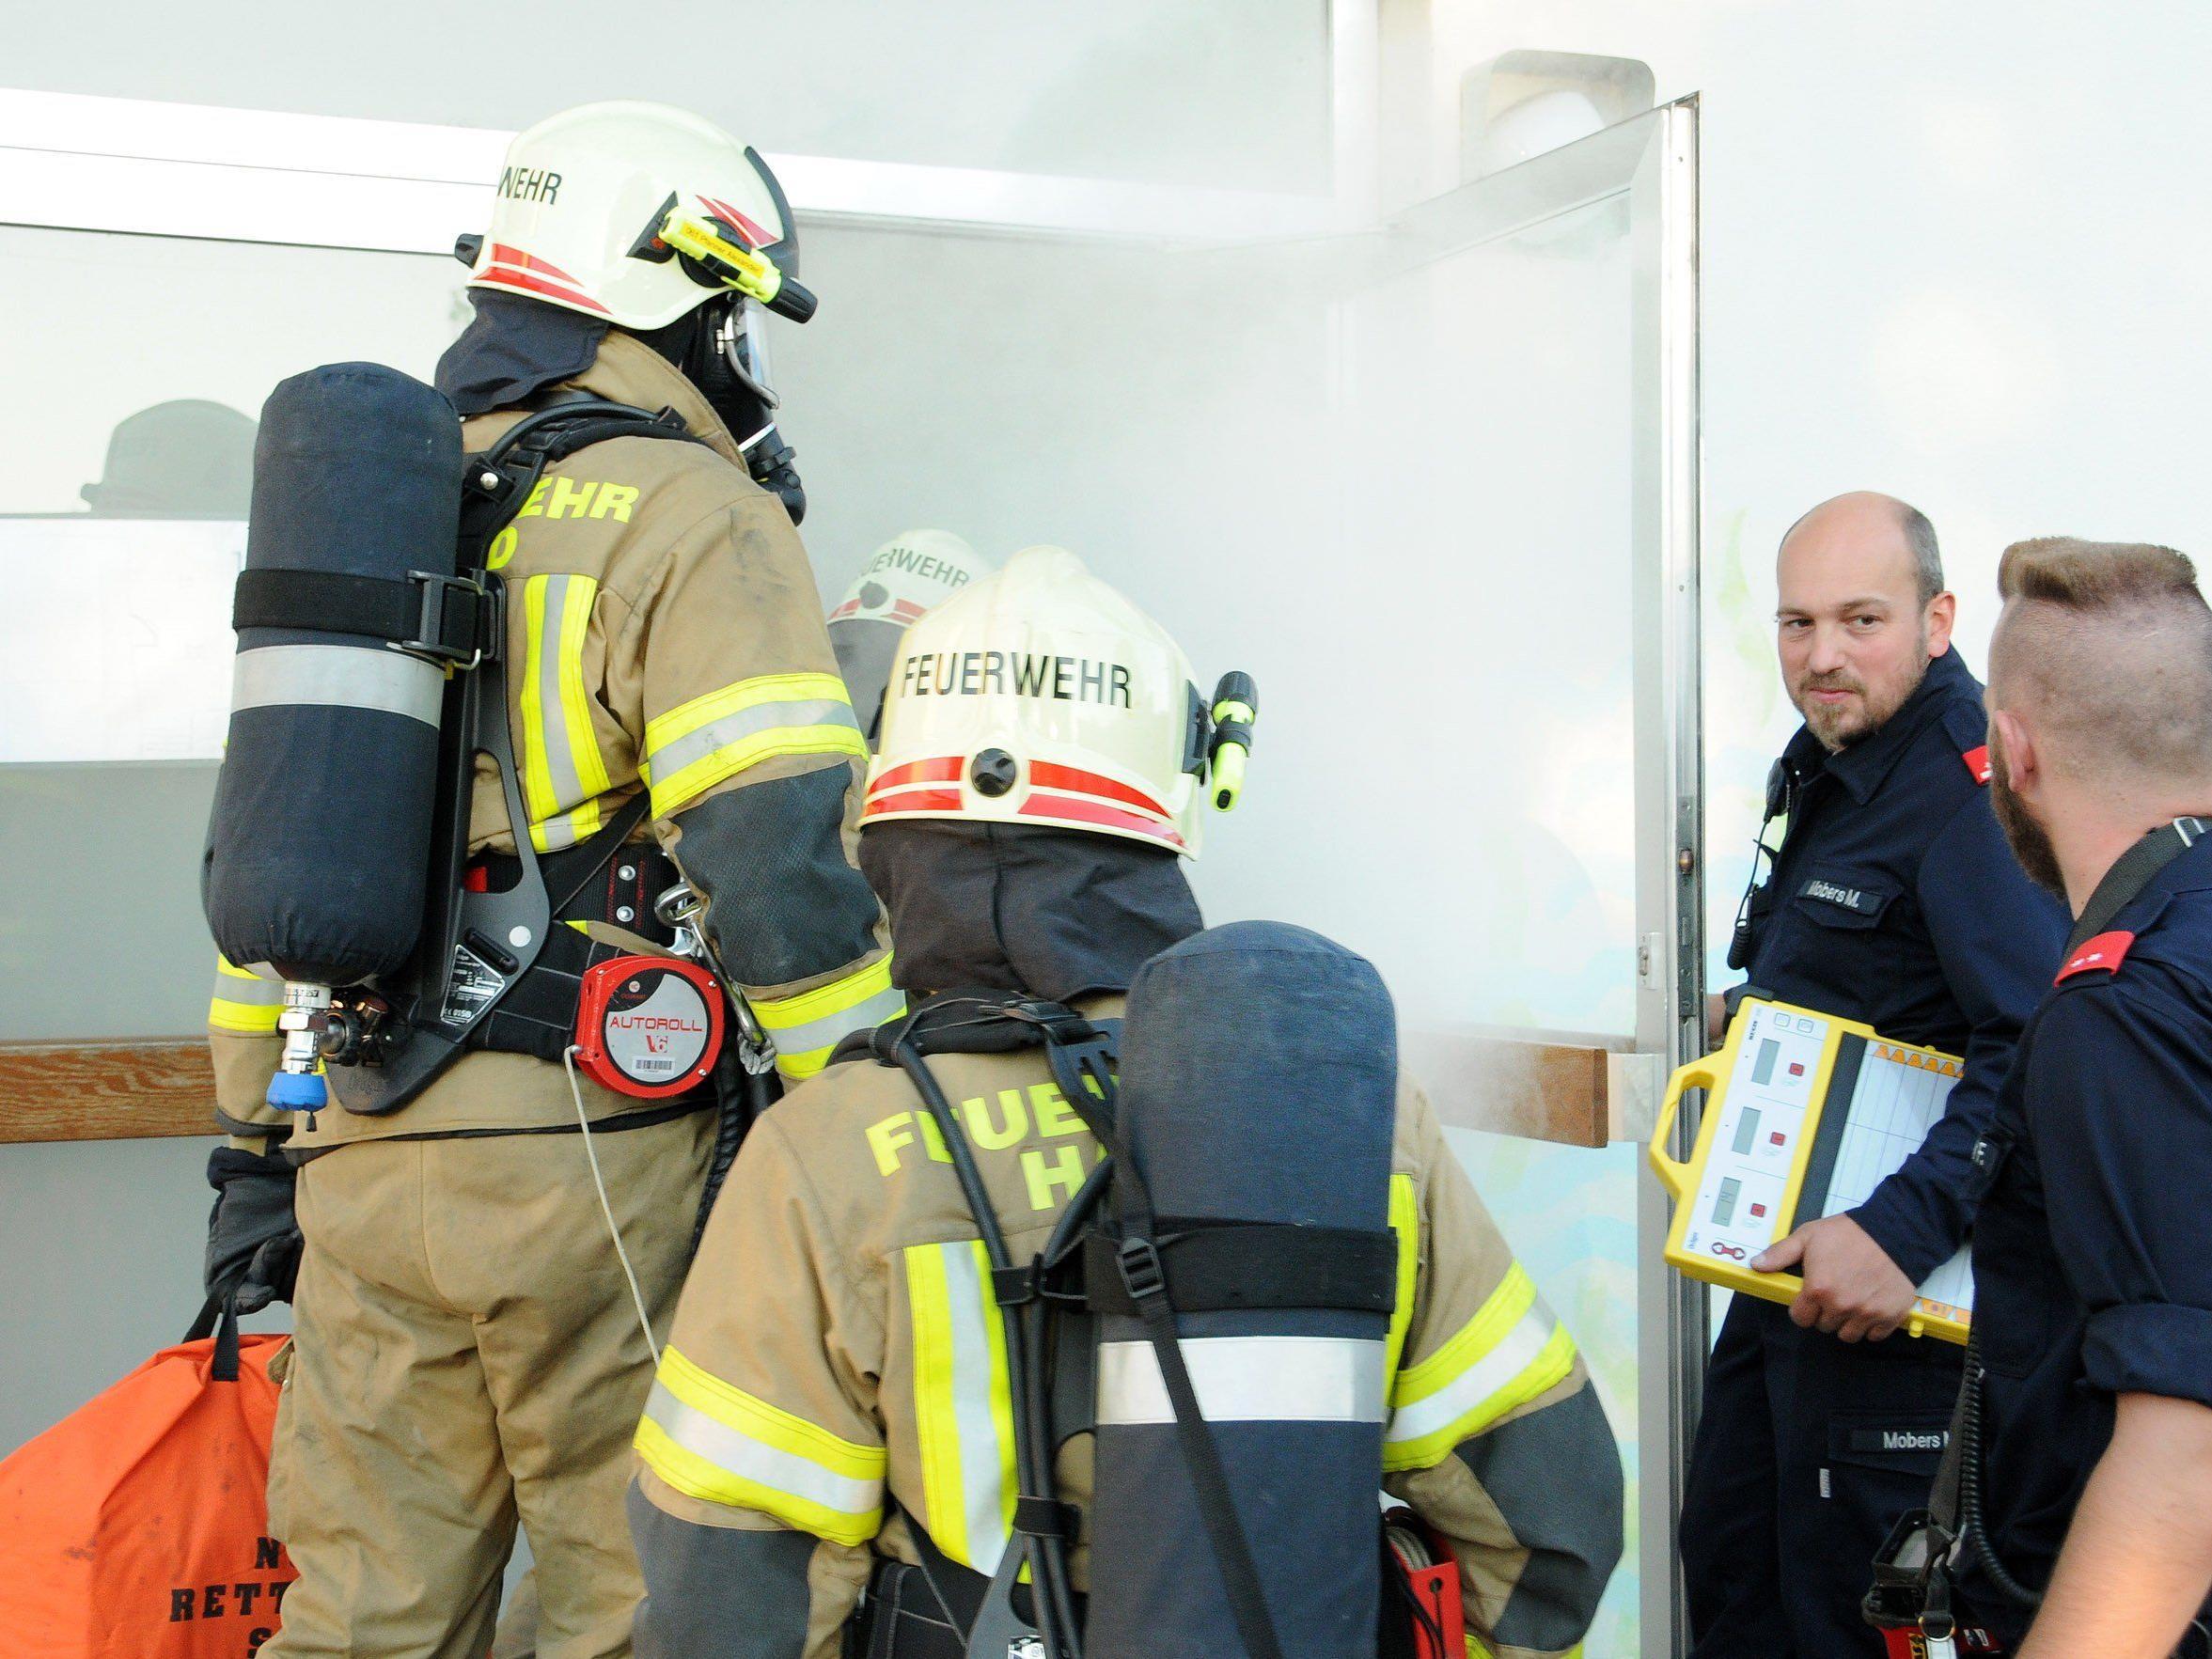 Feuerwehrmänner mit schwerem Atemschutz dringen in das völlig vernebelte Schulhaus ein.